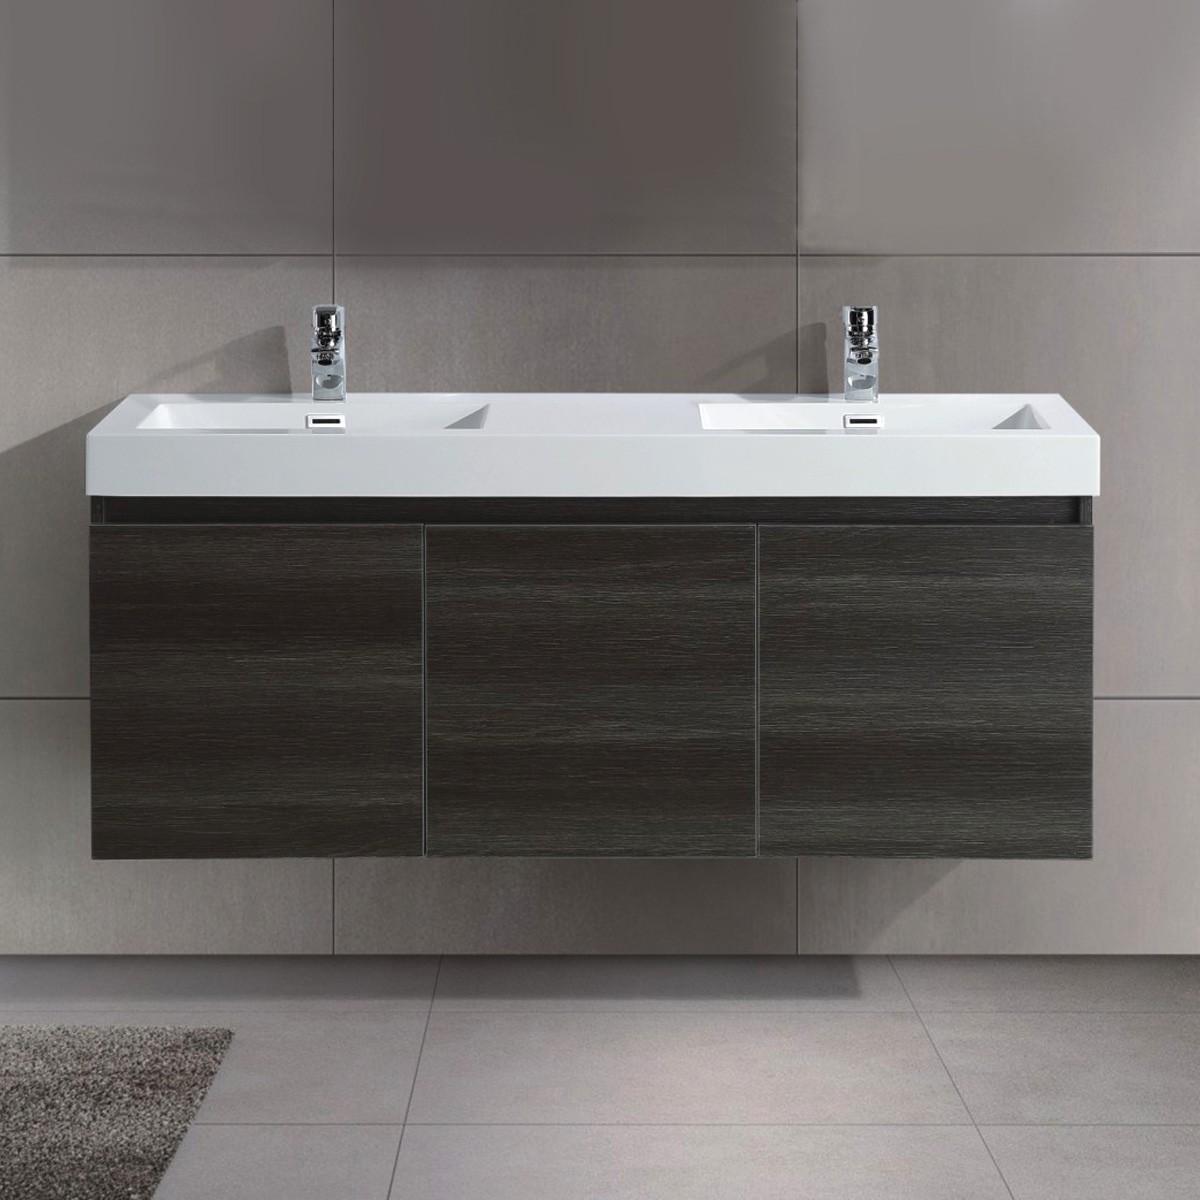 54 po Vanité suspendu au mur avec double lavabo (JD054-V)